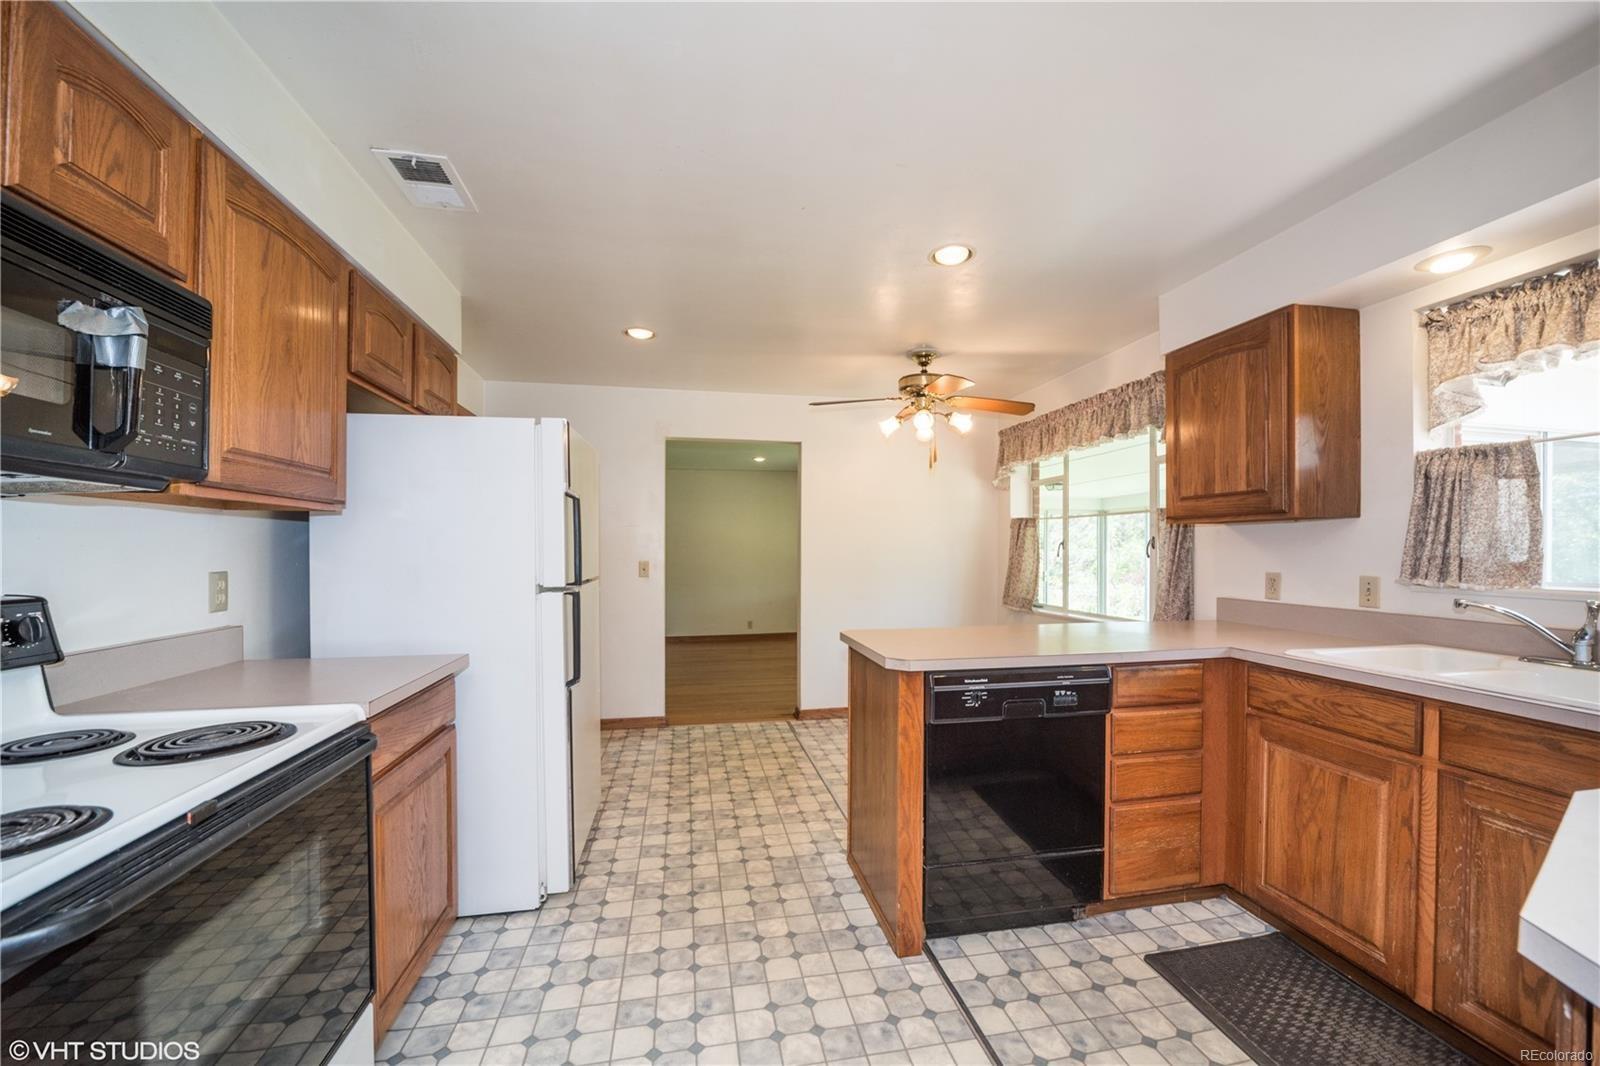 MLS# 8241308 - 3820  Routt Street, Wheat Ridge, CO 80033